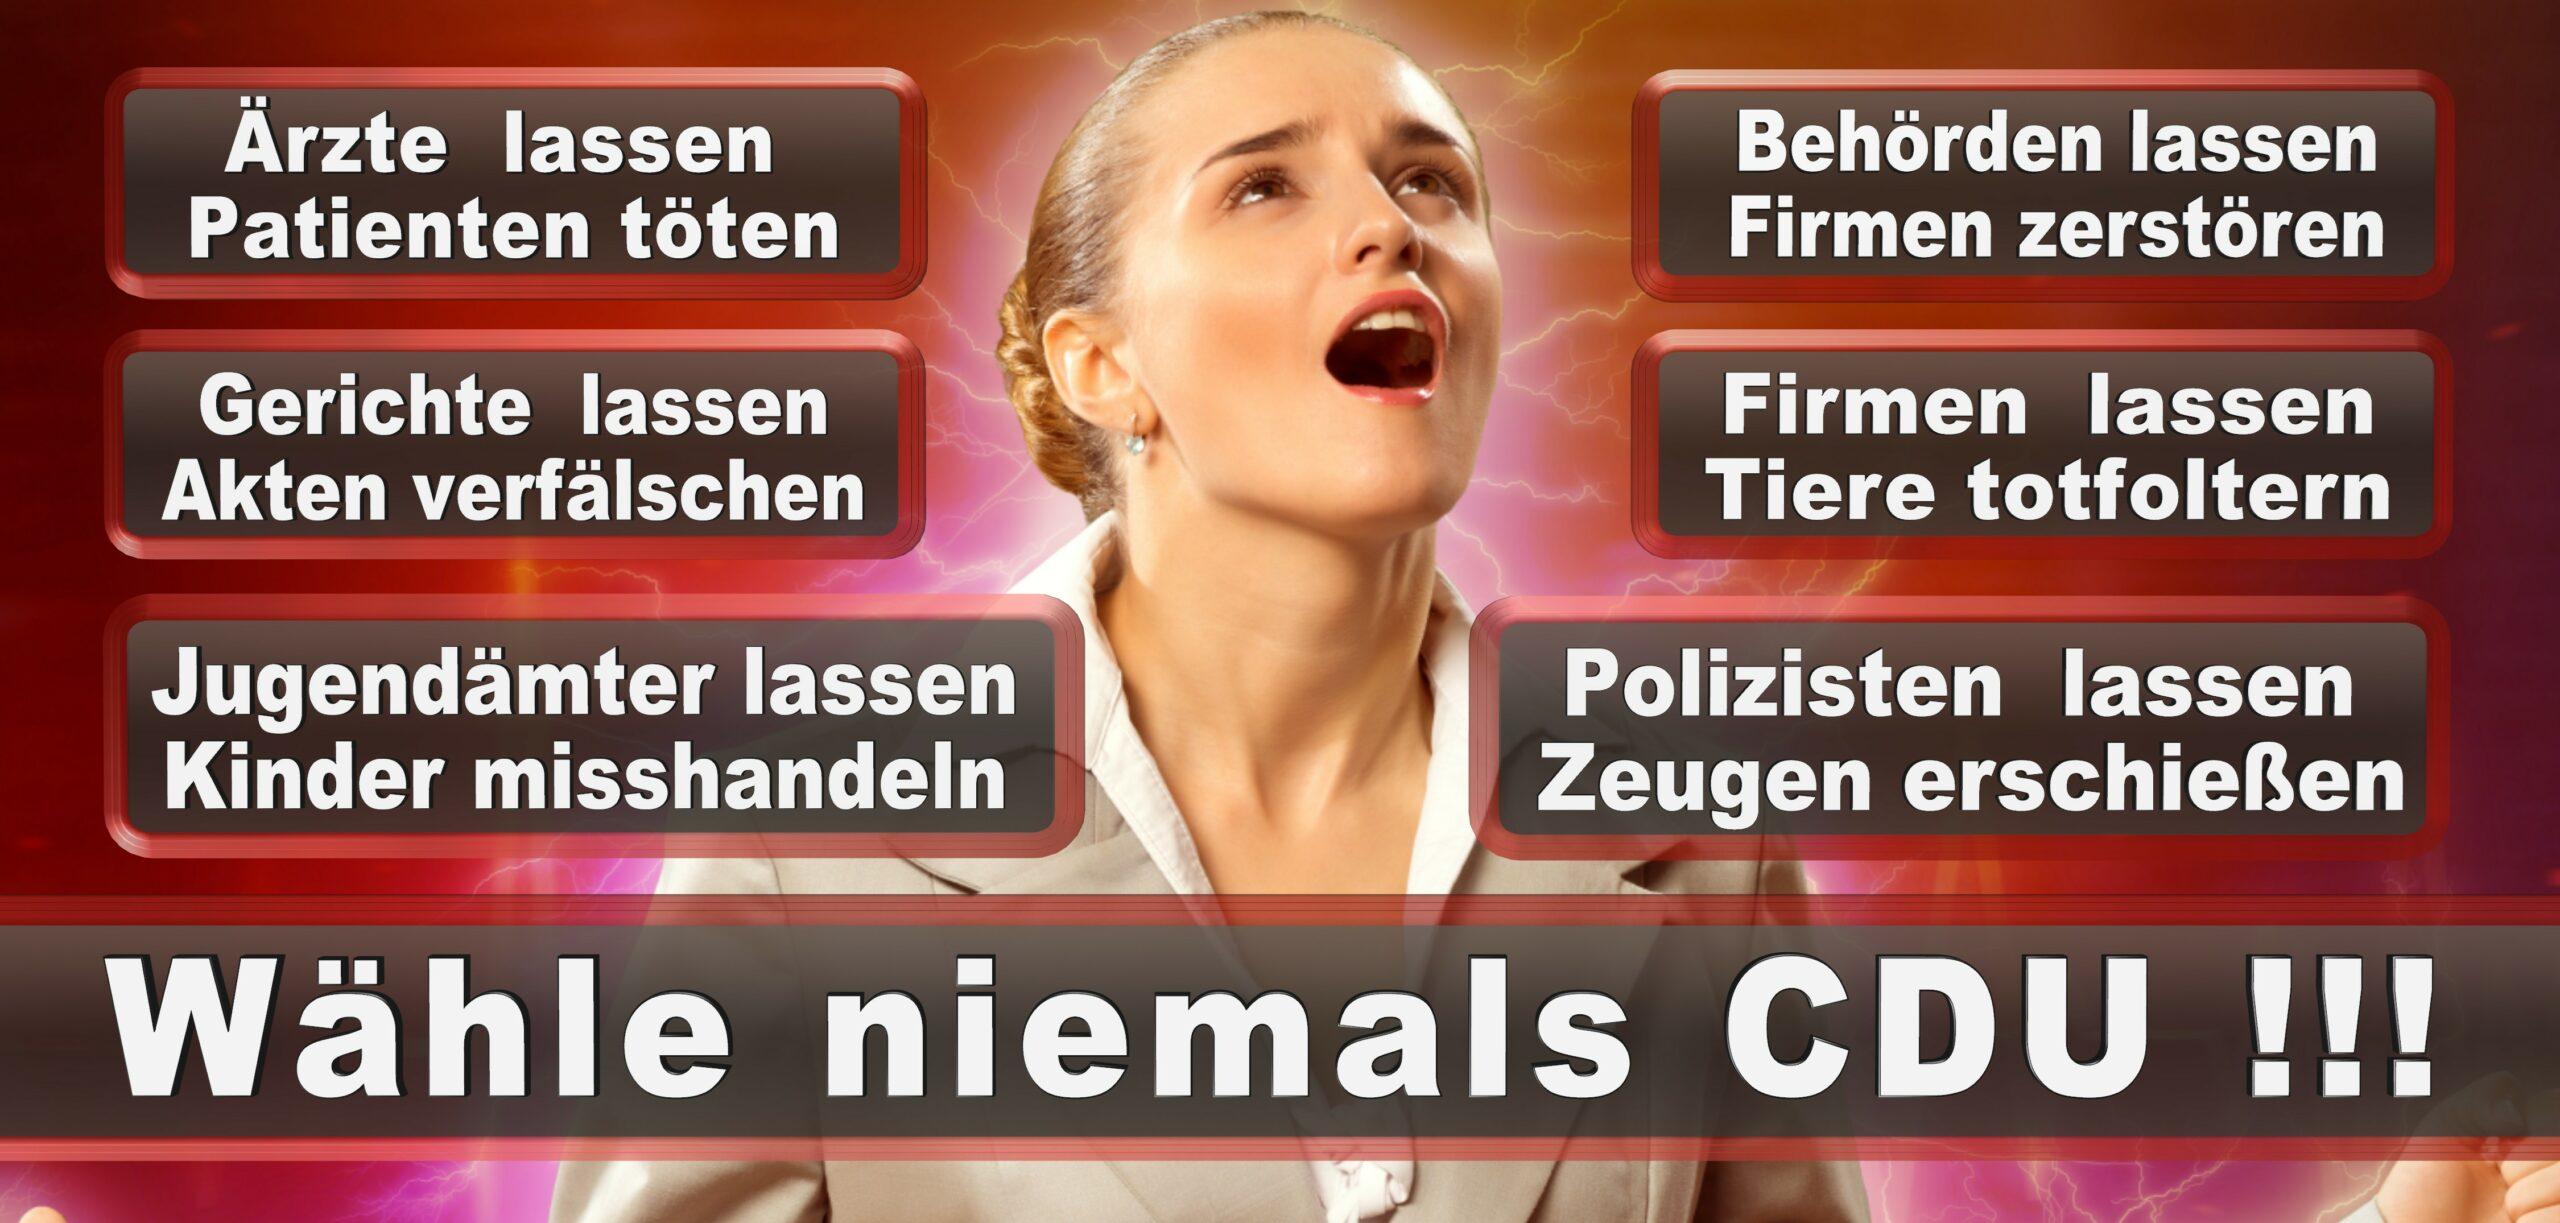 Bundestagswahl 2021 Wahlplakate CDU SPD FDP AFD Grüne Linke Stimmzettel Prognose Umfrage Kandidaten Parteien Datum (71)